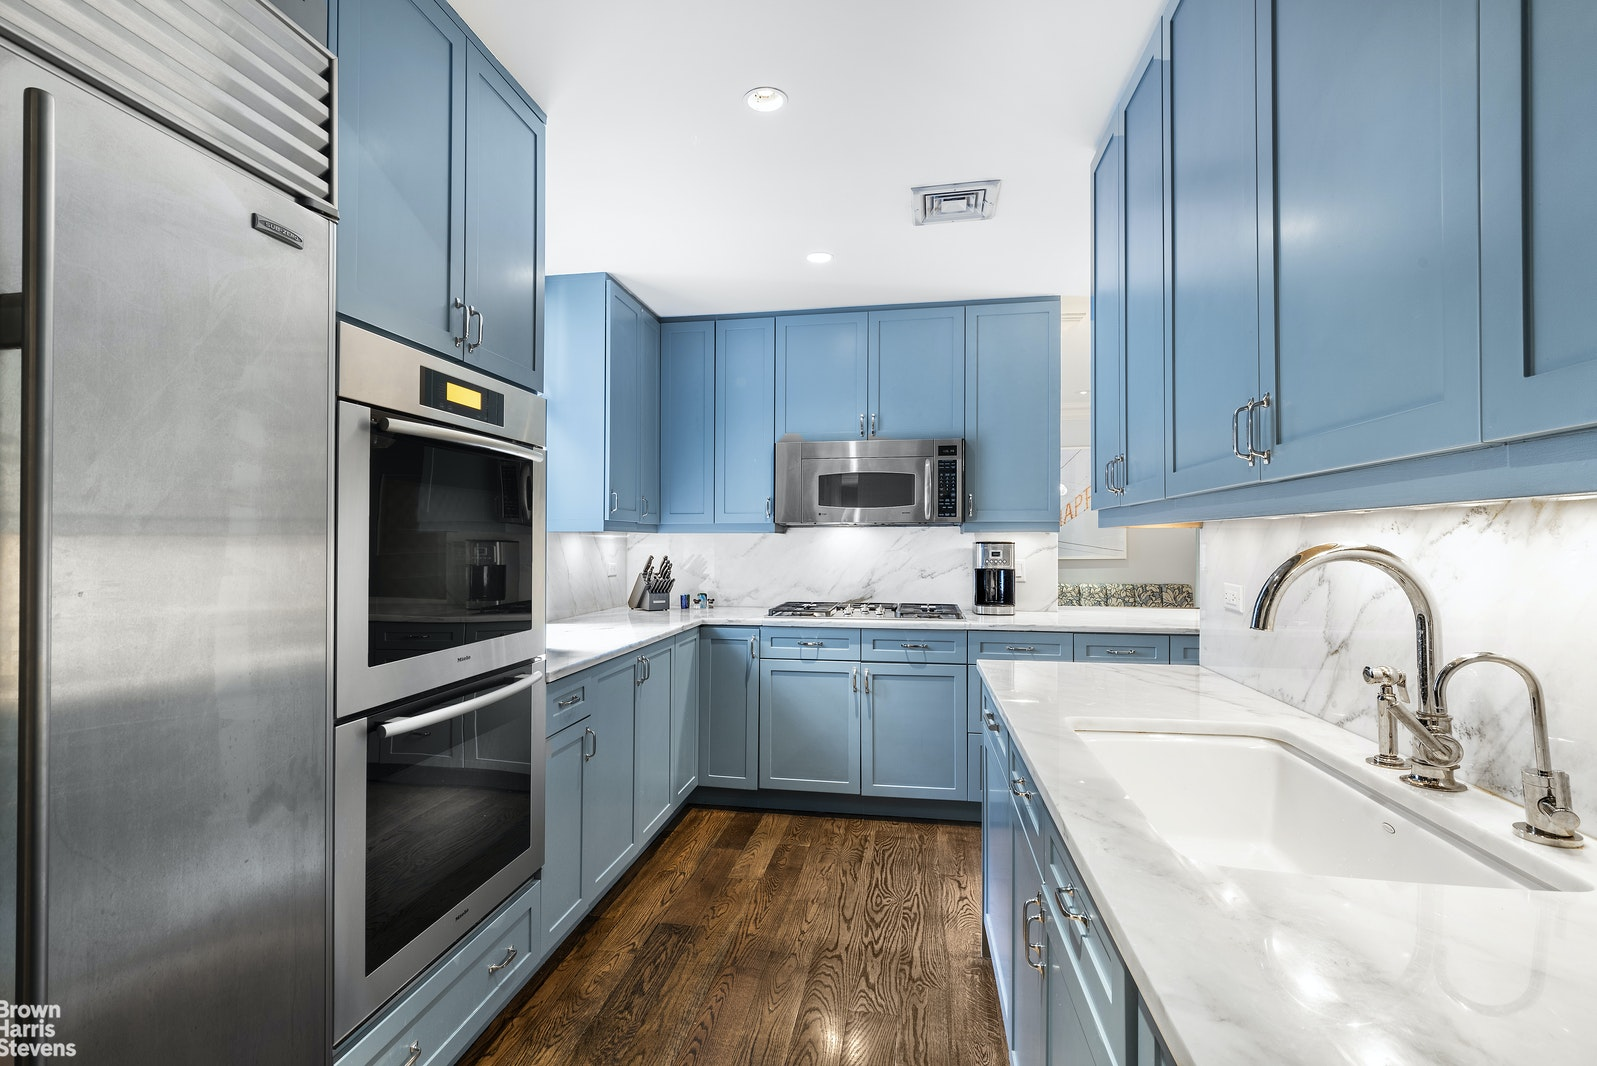 317 WEST 89TH STREET 4W, Upper West Side, $4,350,000, Web #: 20352687